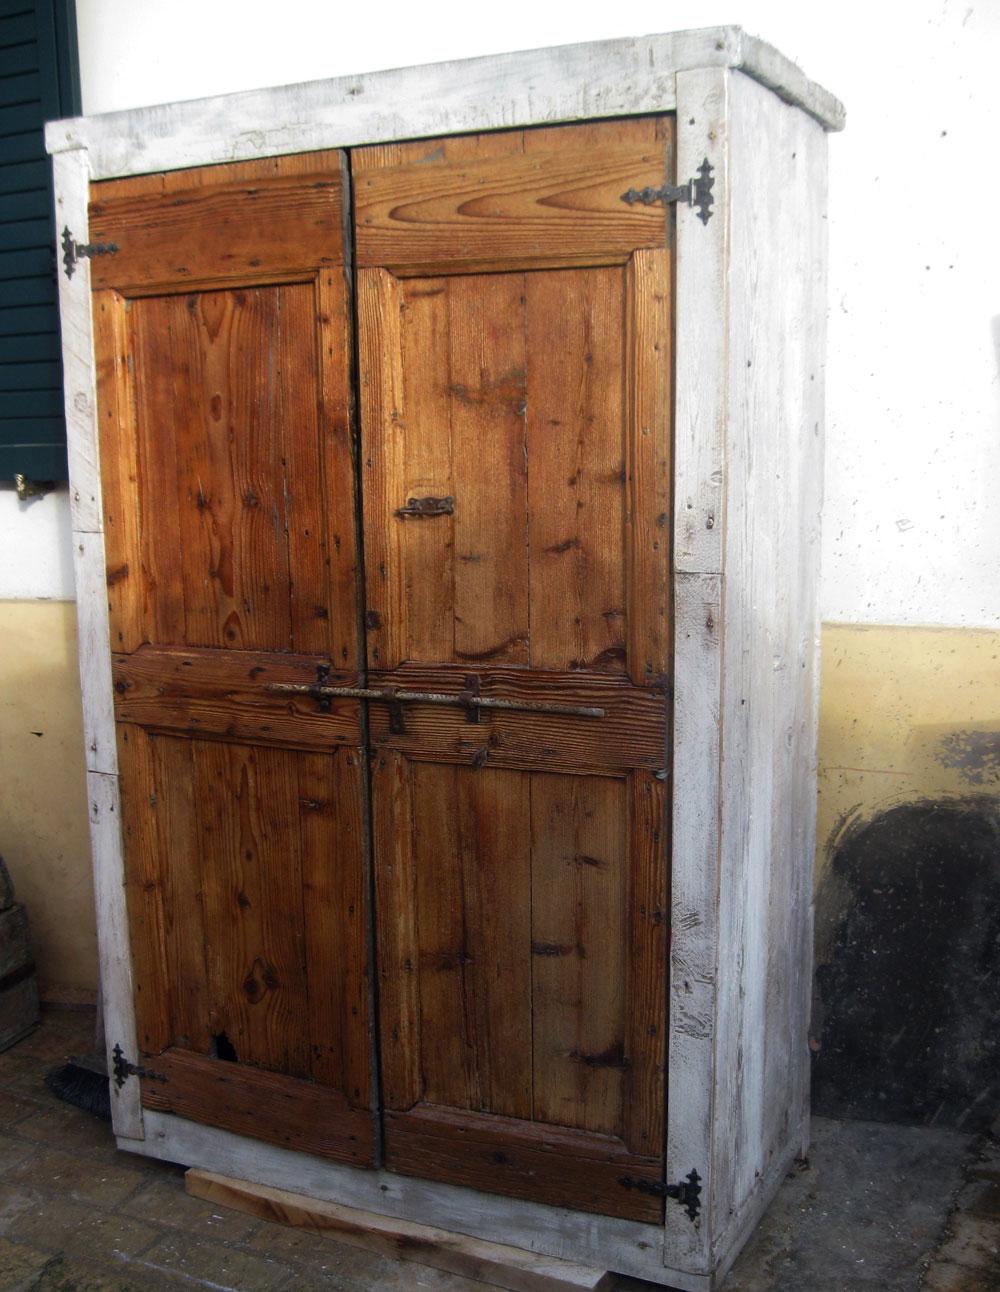 Artigianato per la casa in legno pietra e ferro a osimo - Ristrutturazione mobili legno ...